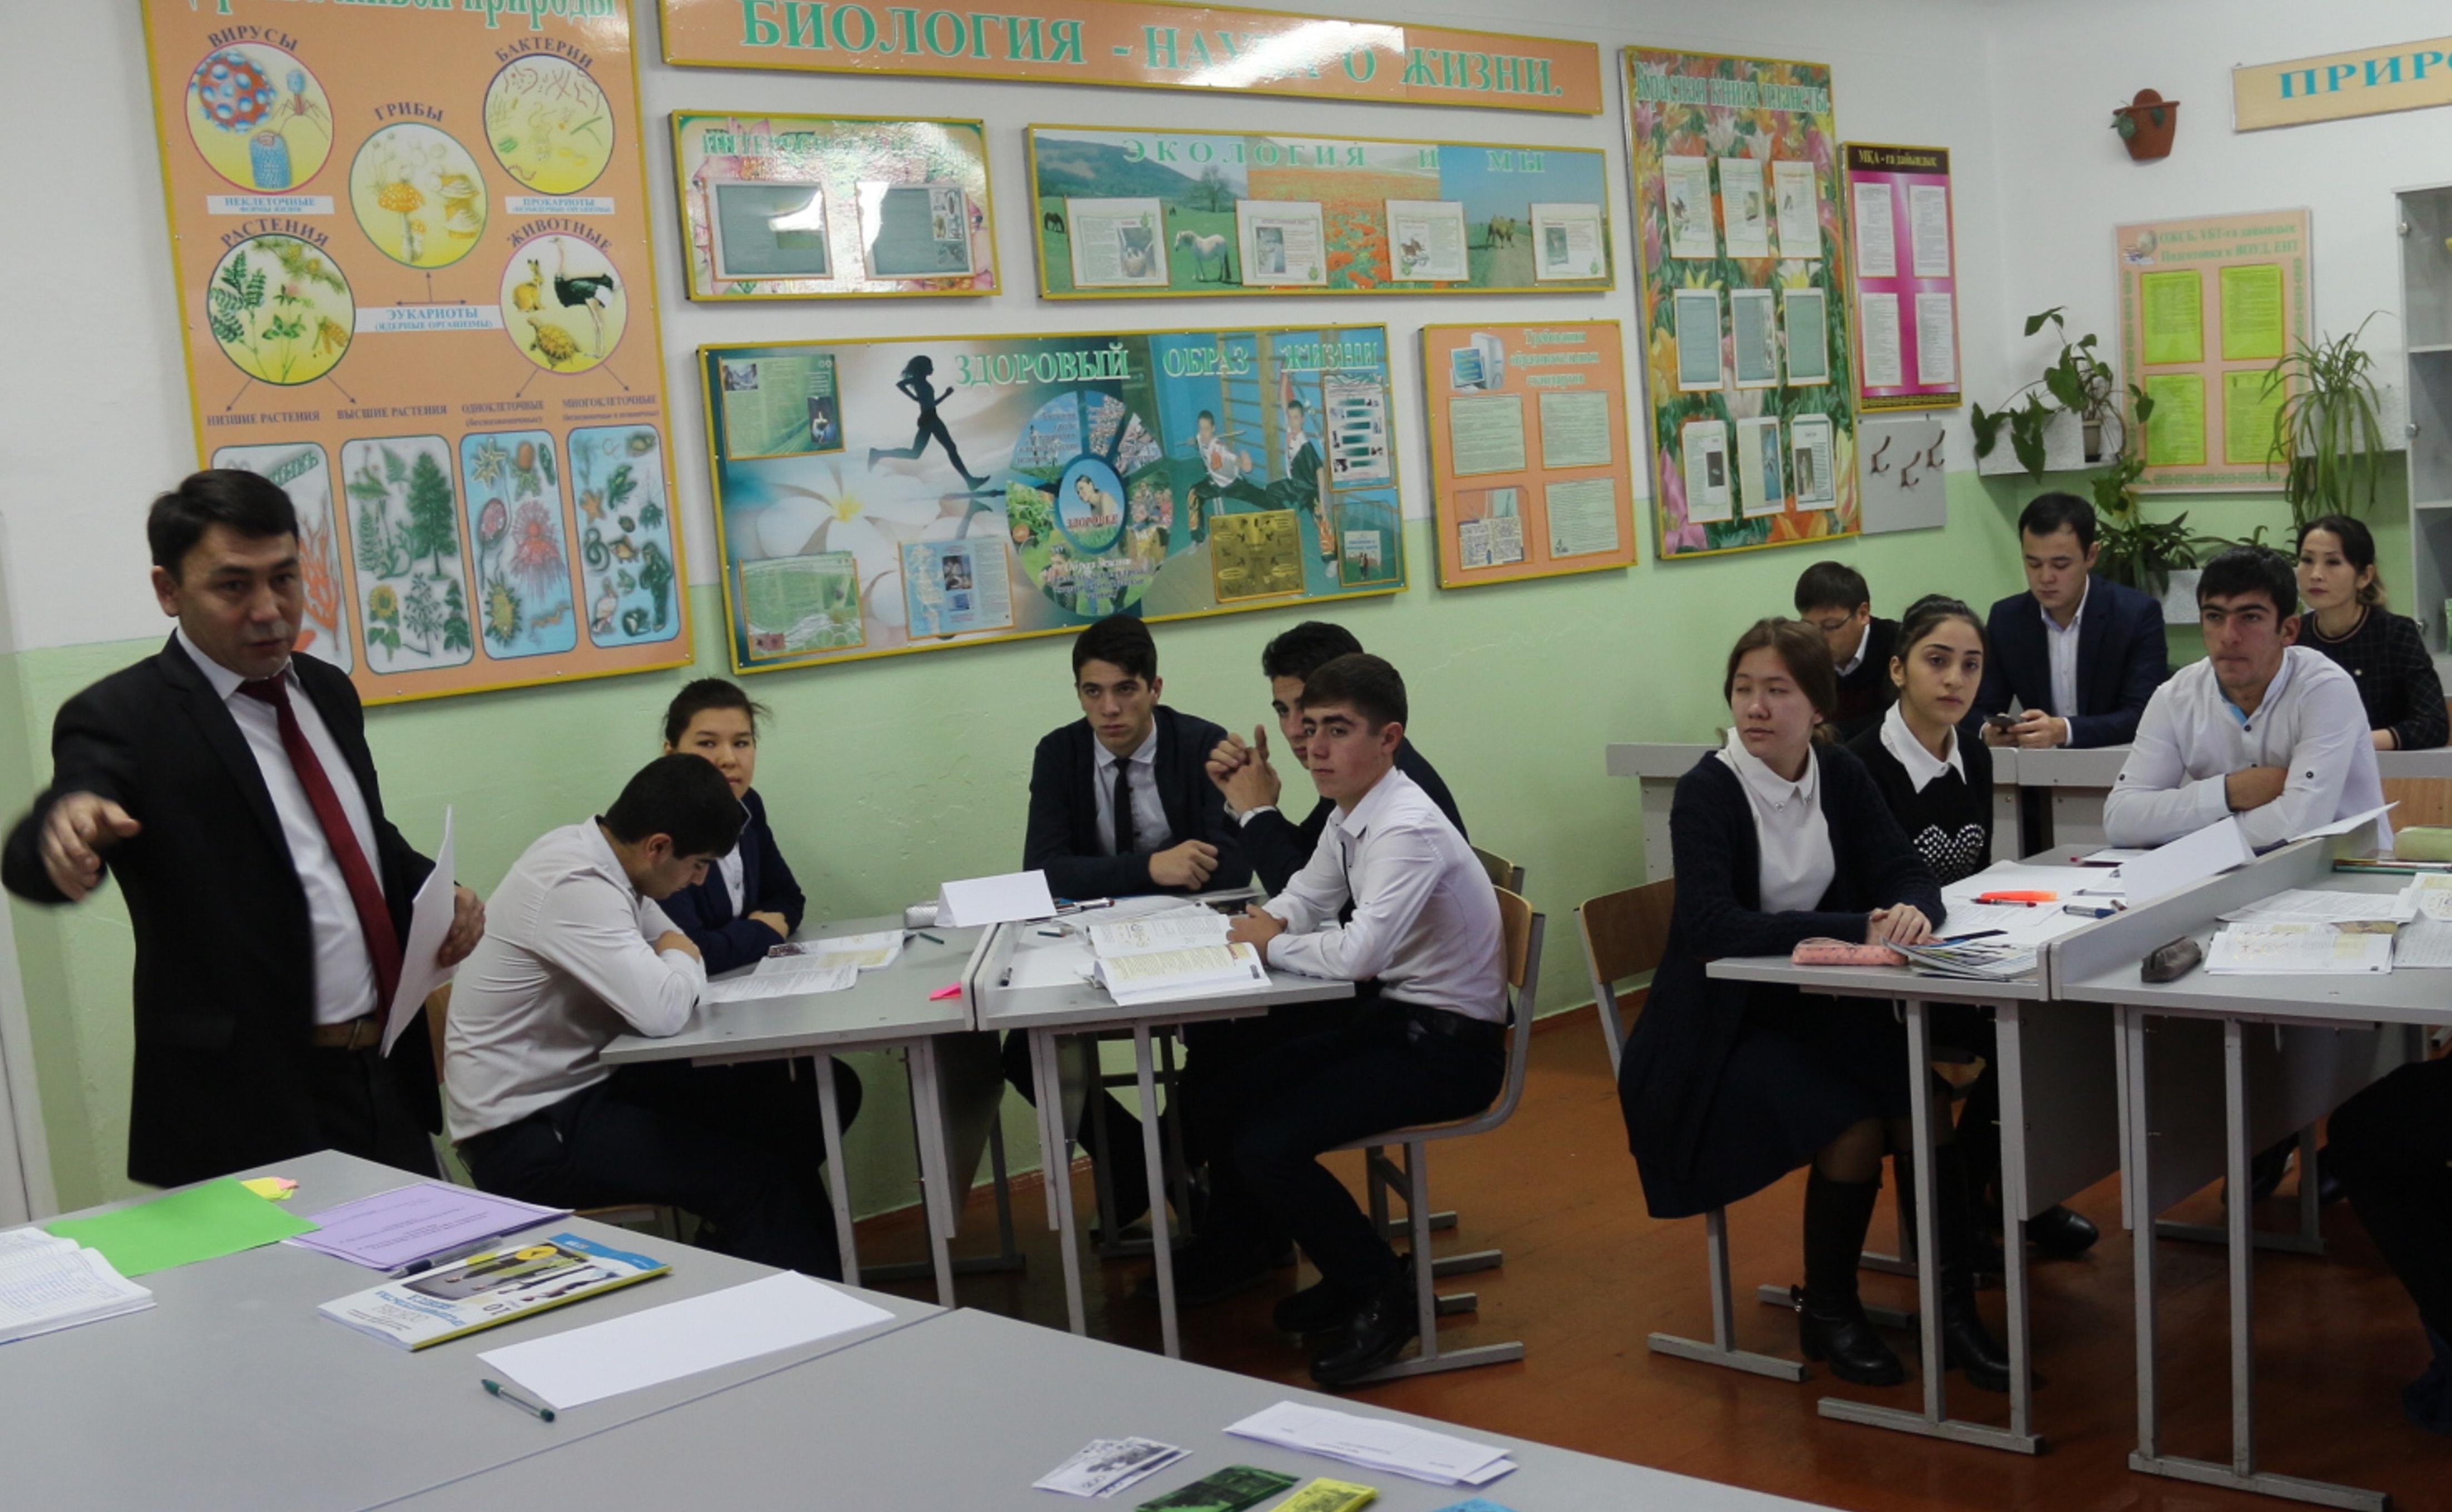 Преподаватель истории, юриспруденции и экономики Ержан Рапильбаев проводит первый урок по новому предмету для учеников 10 класса государственной школы № 9. Тараз, 3 января. [Национальная палата предпринимателей]